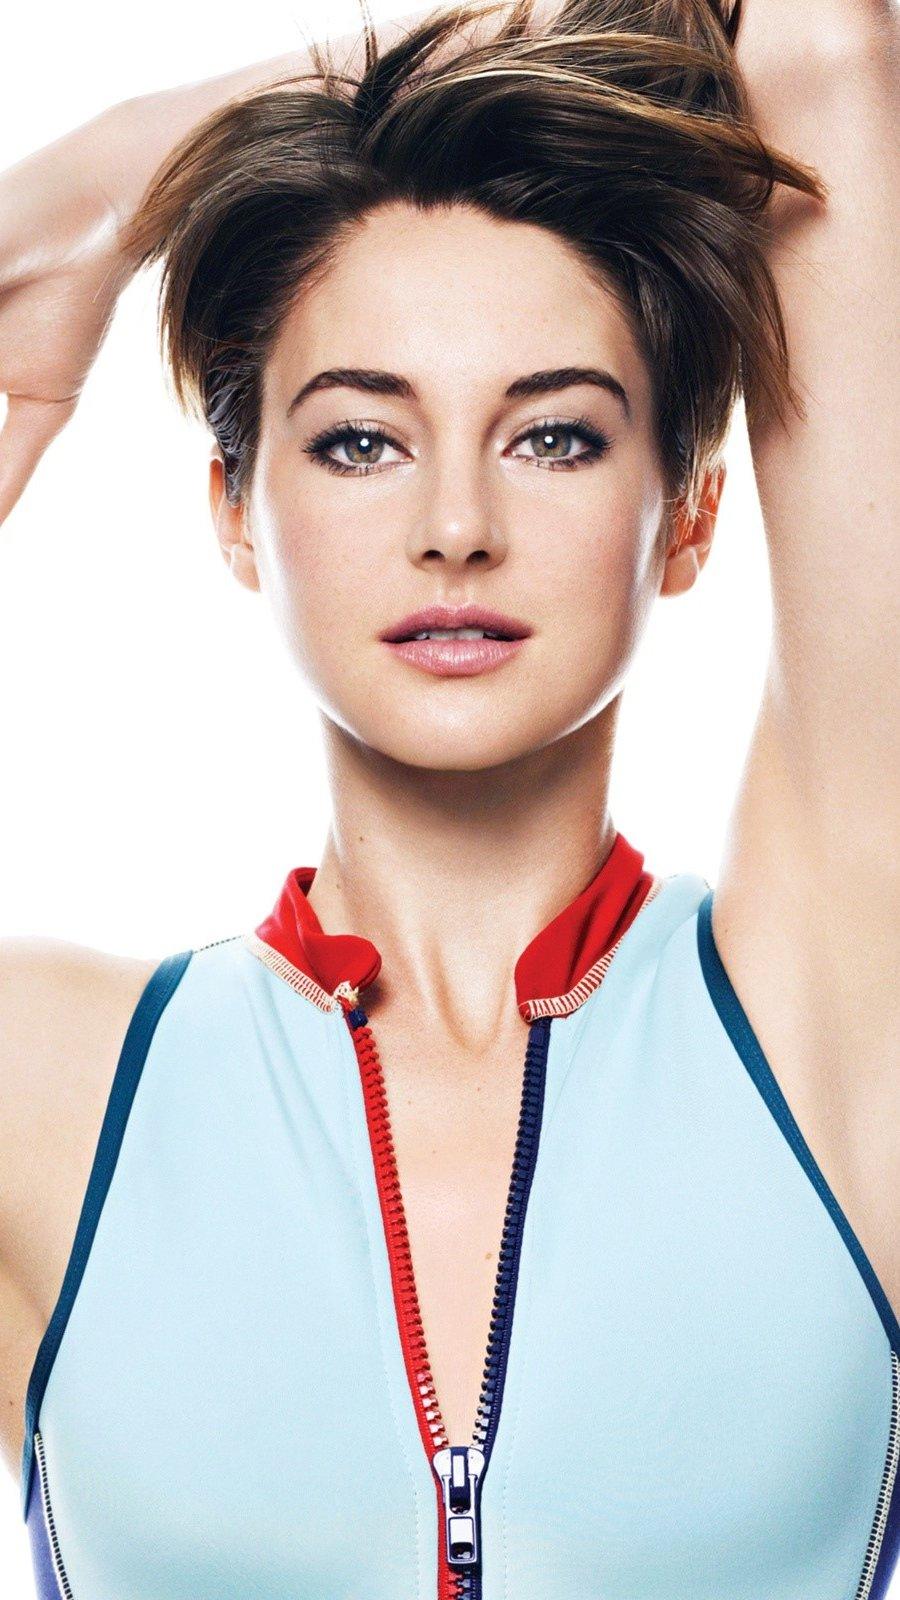 Wallpaper Actress Shailene Woodley Vertical